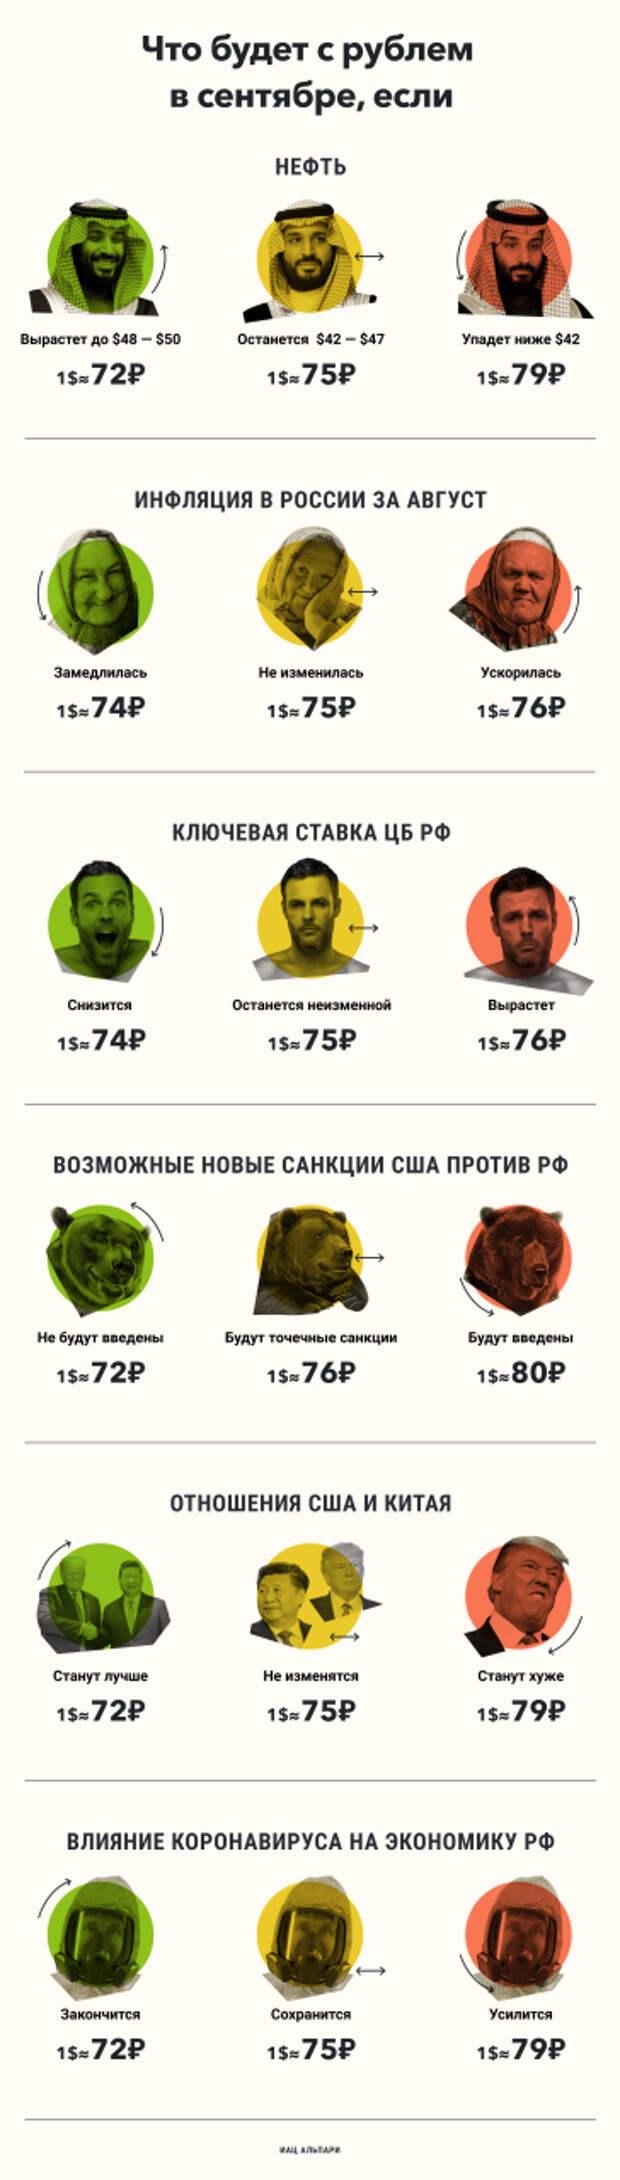 Доллар и рубль в сентябре - темы санкций и коронавируса пока в силе